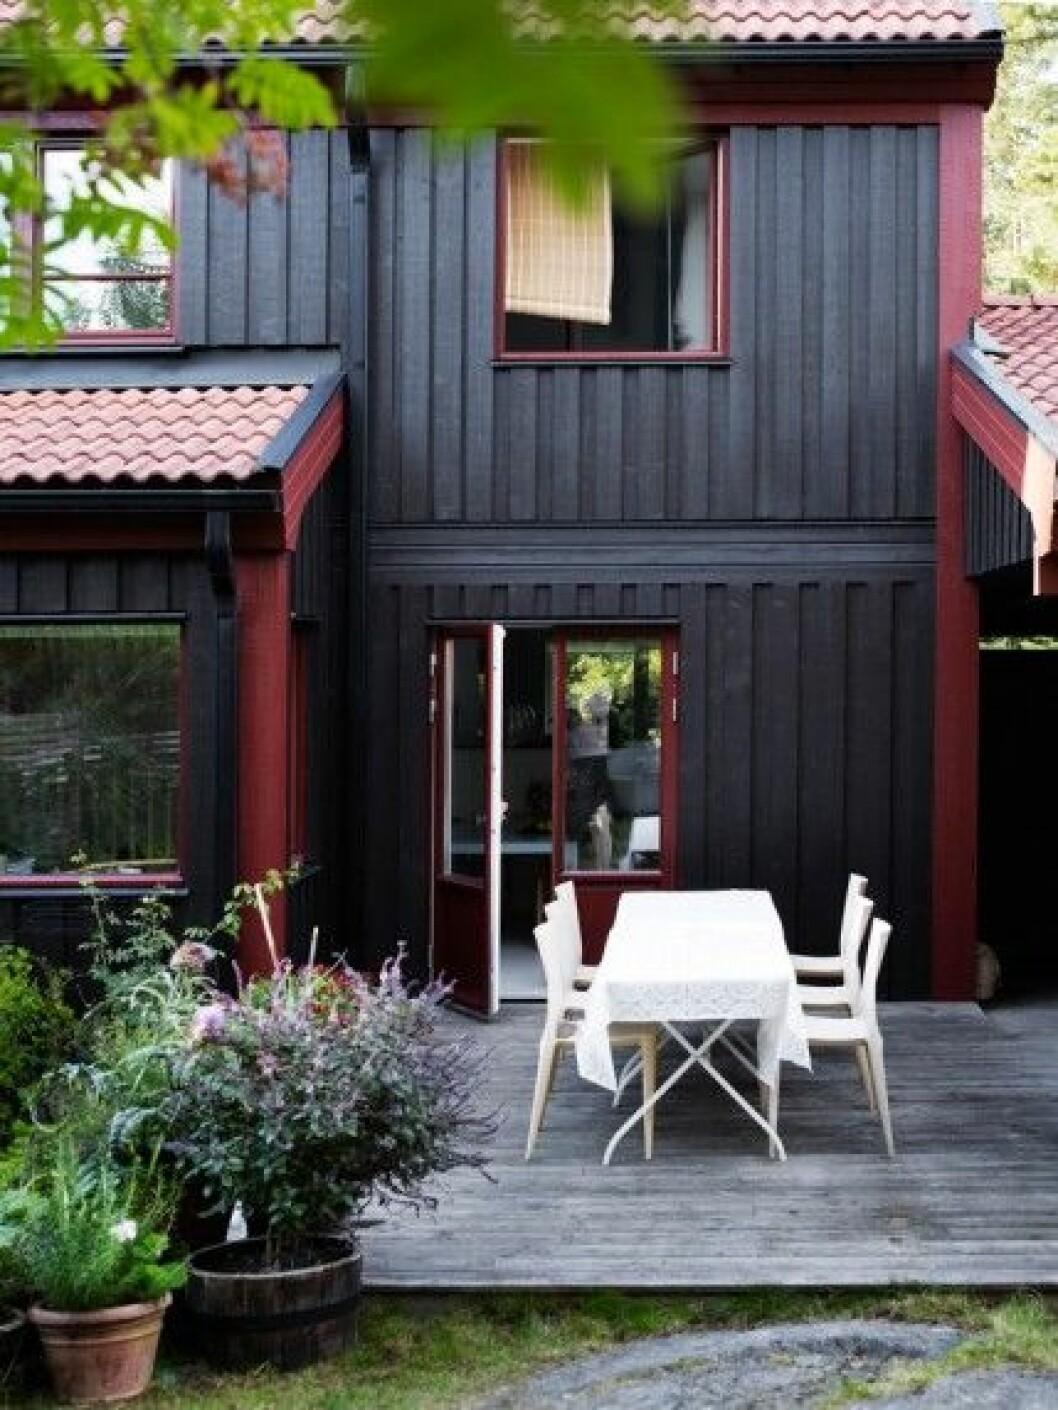 På altanen står Mario Bellini-stolar och ett Ikeabord. – Jag gillar tanken med radhus. De är det bästa av två världar. I vårt hus kan man få en illusion av att bo i skogen, trots att det i själva verket bara är en liten samling träd utanför fönstren. Det är enkelt att sköta men fortfarande nära naturen, säger Rigetta.